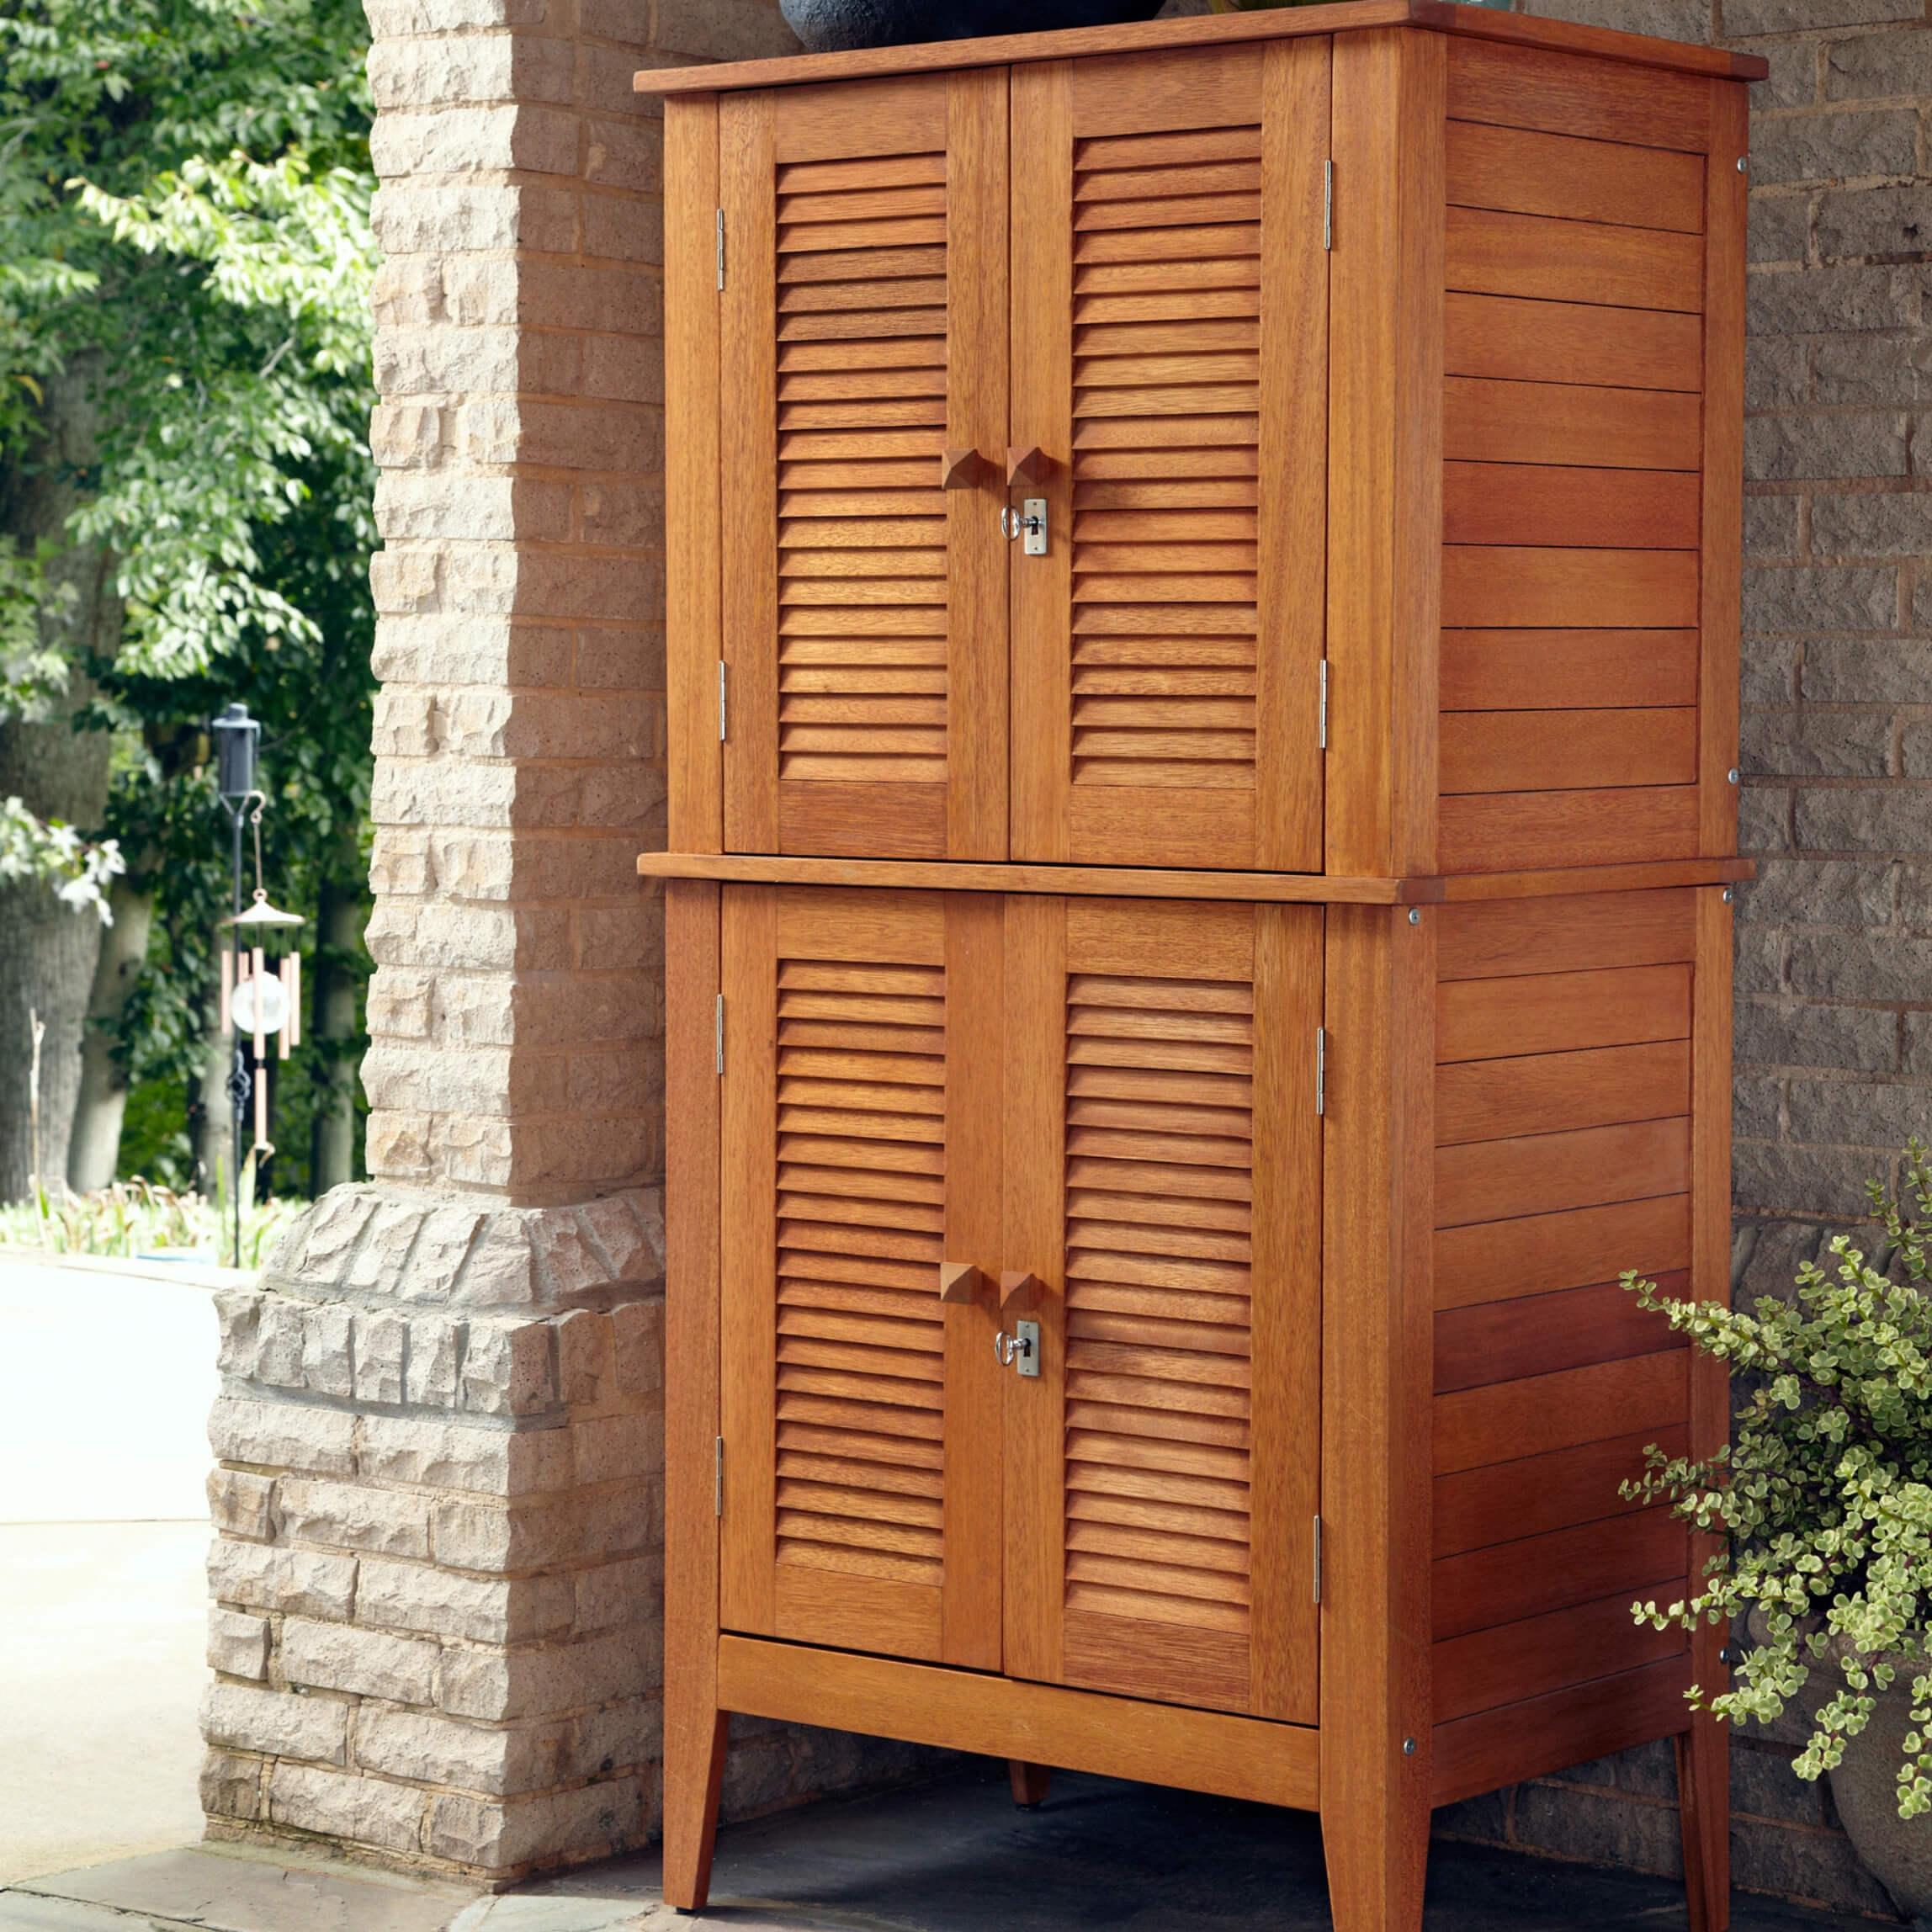 Deck Storage Box Ideas